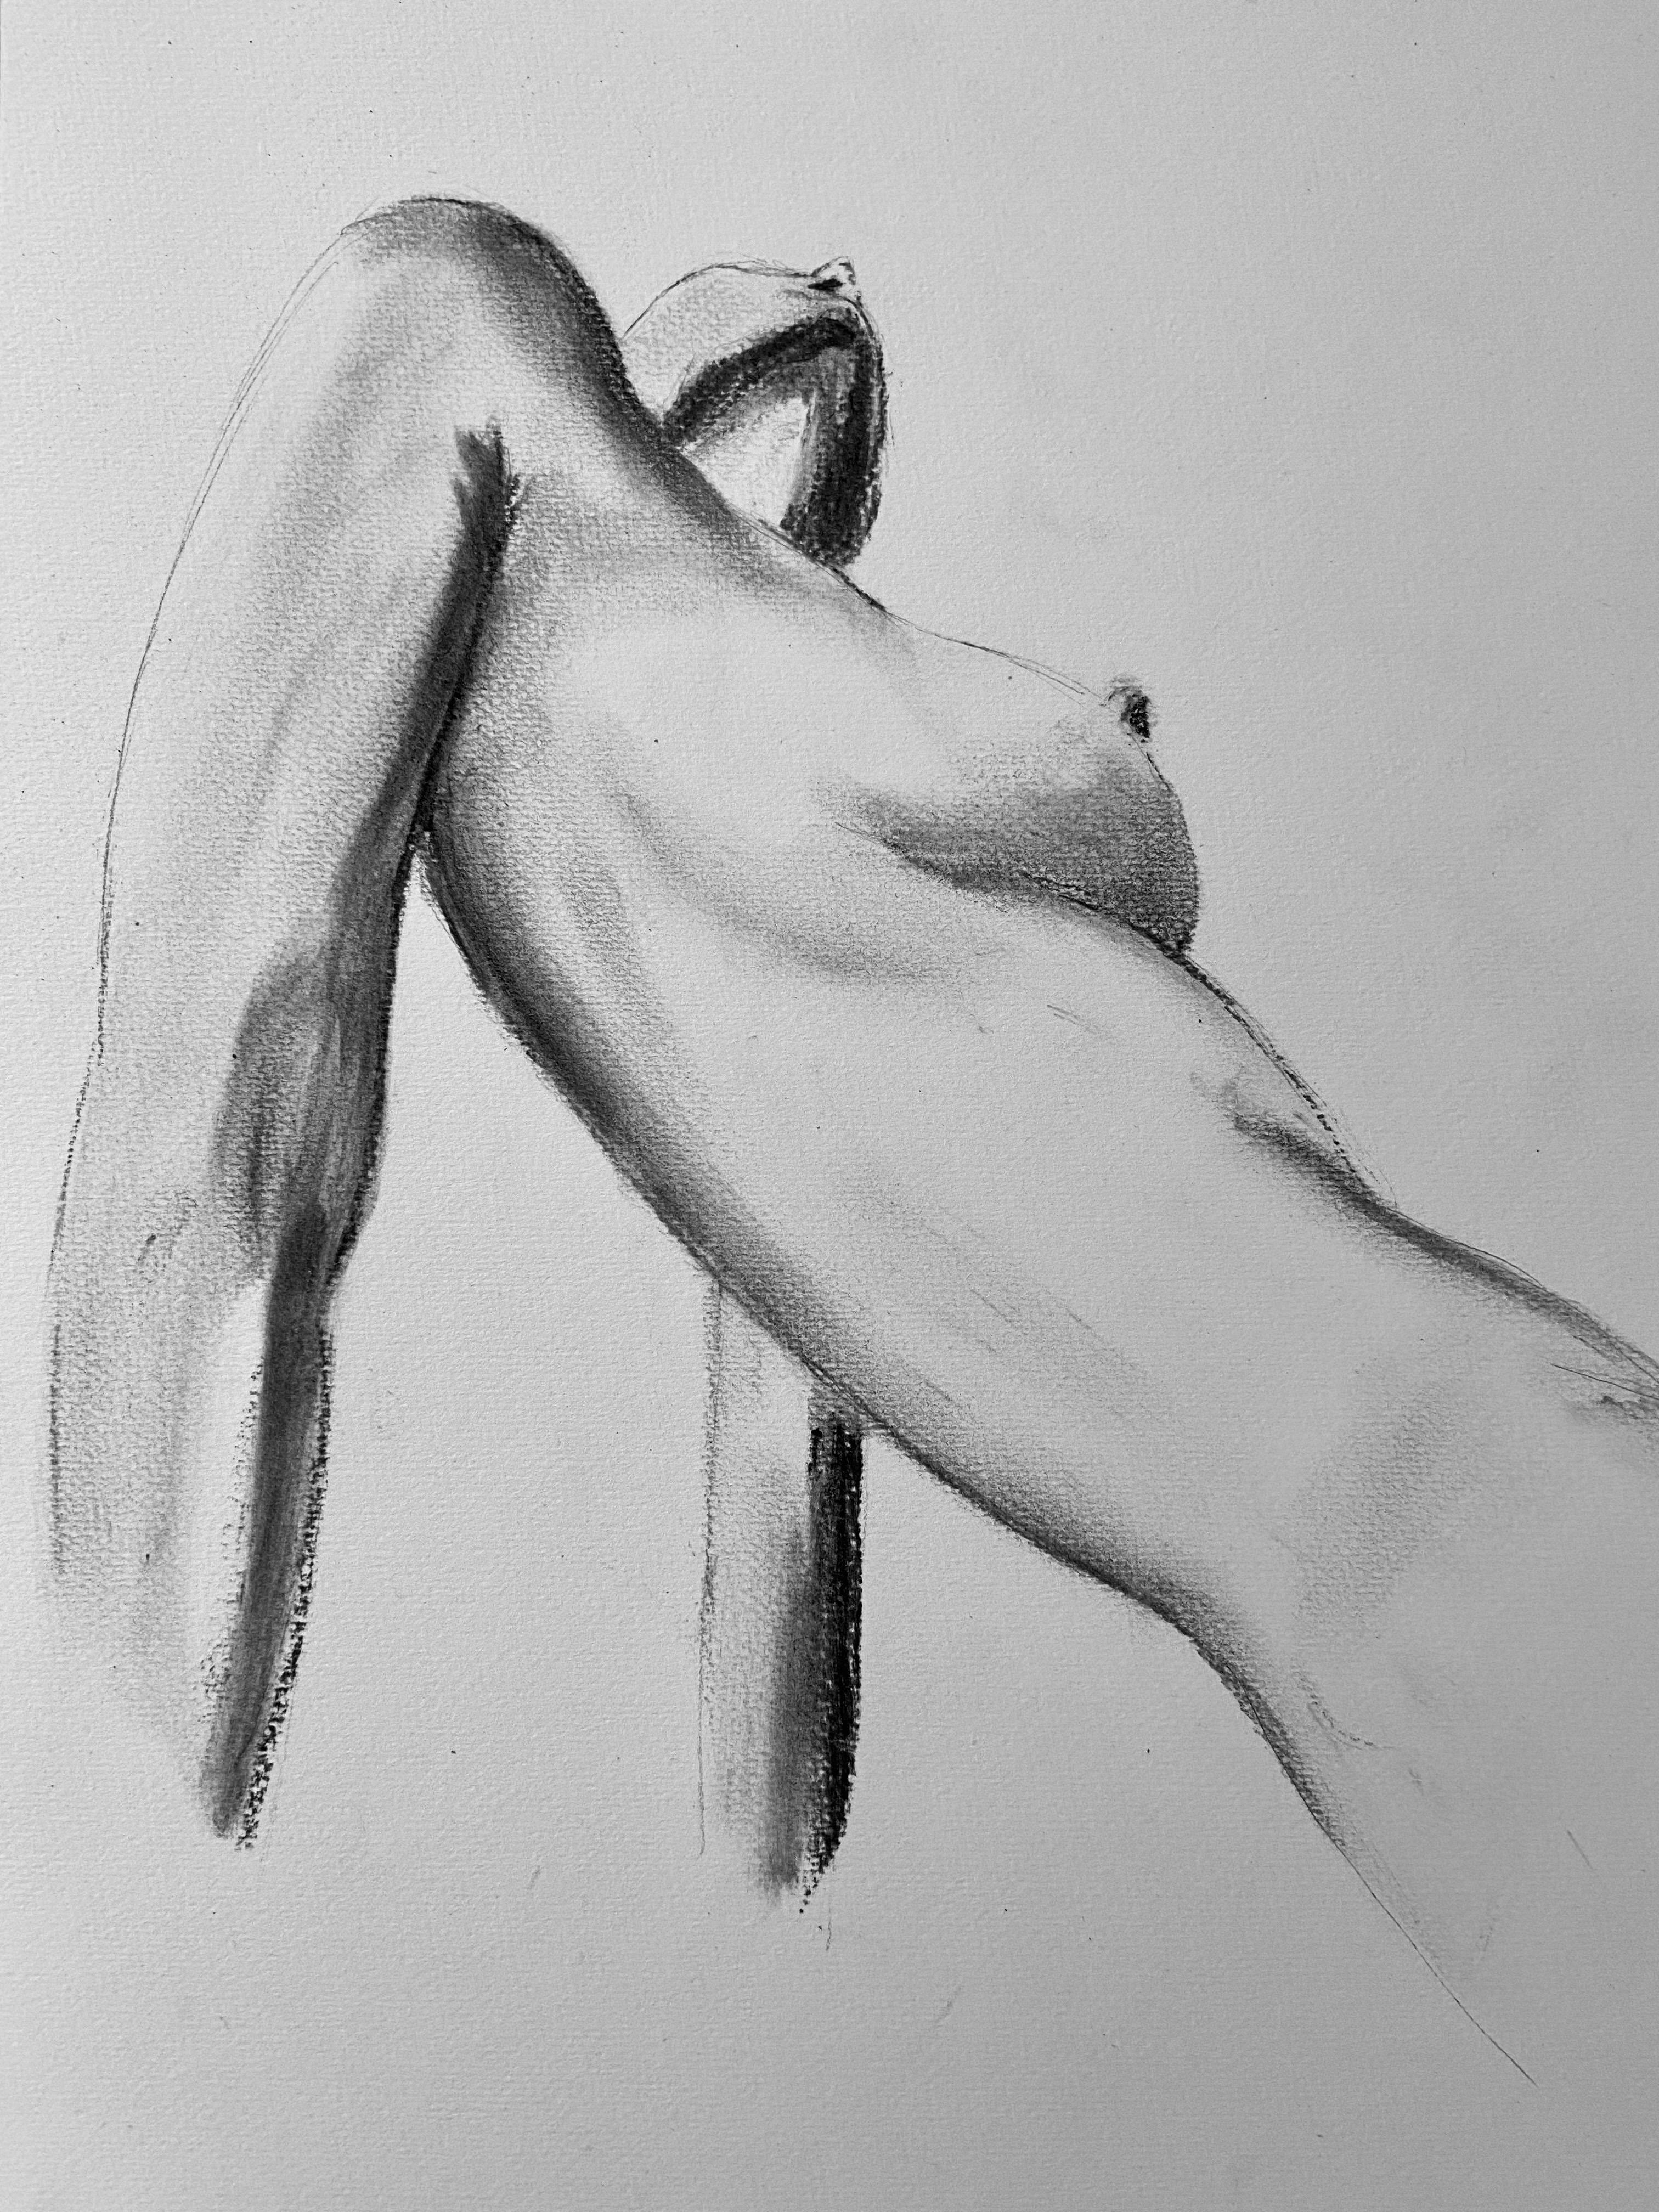 Contre-plongées buste femme esquisse réaliser à l'estomper au fusain  cours de dessin